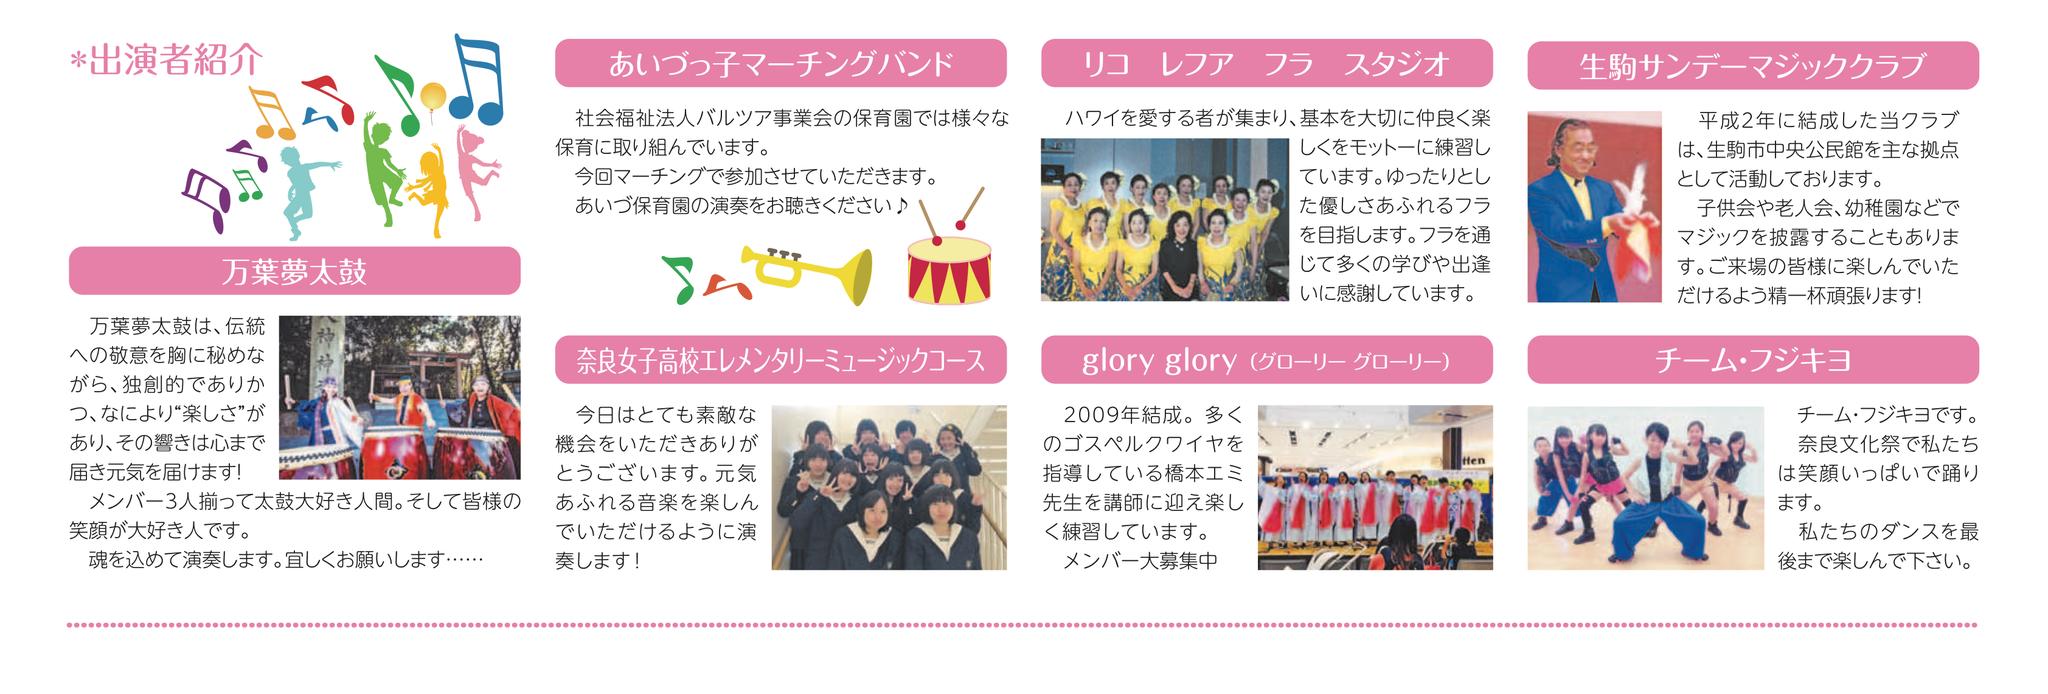 第1回奈良文化祭出演者